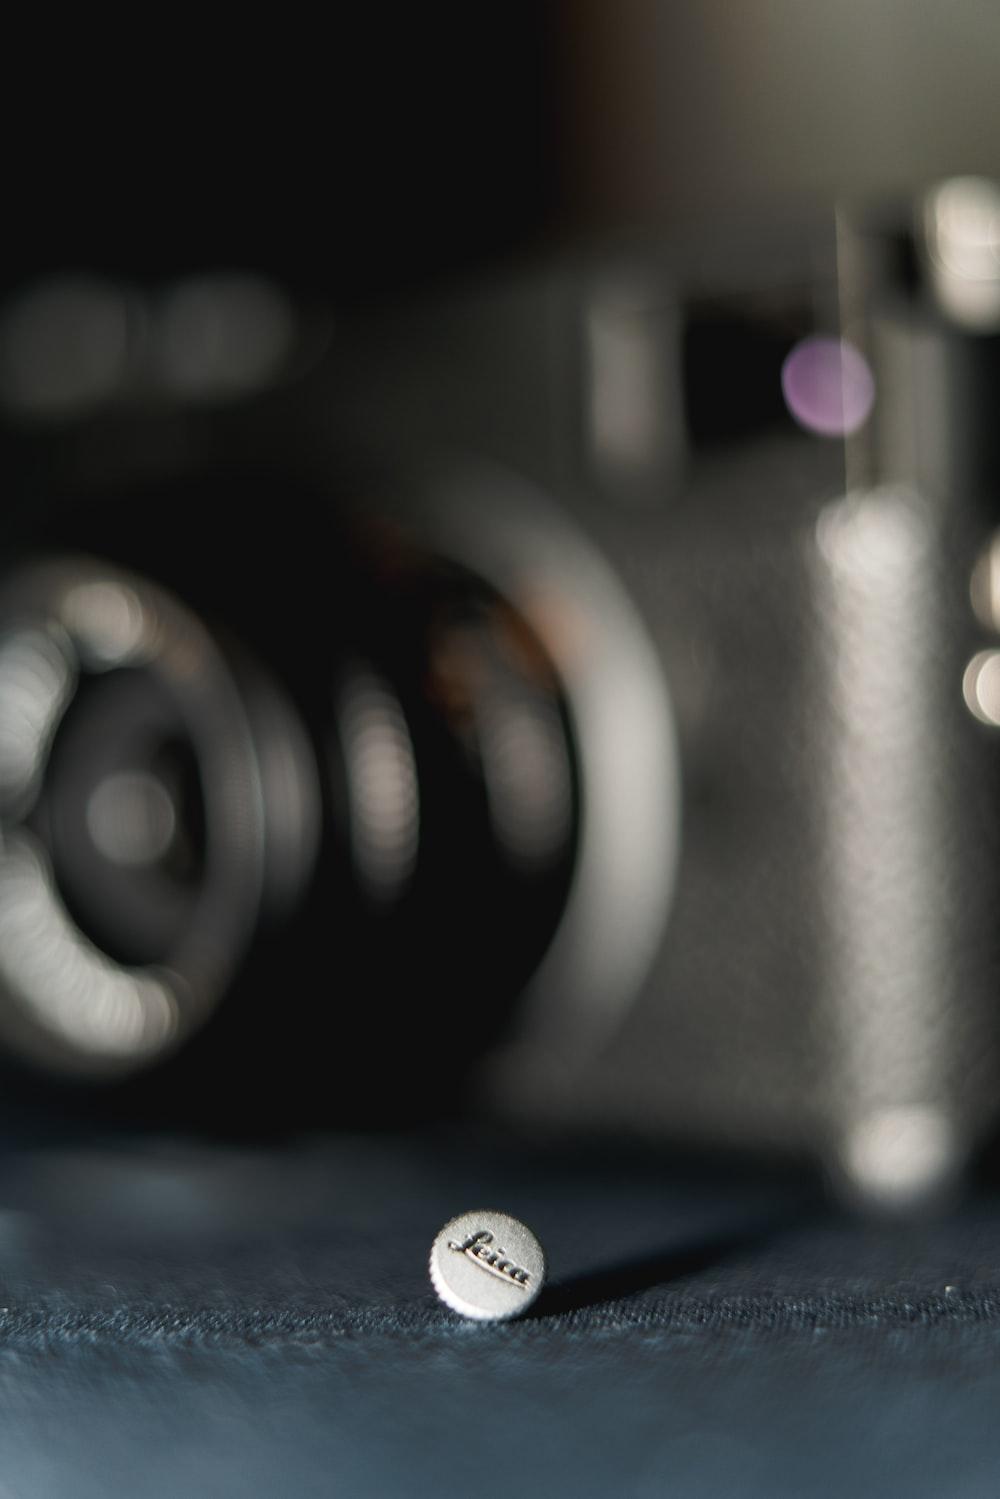 black camera lens on blue textile